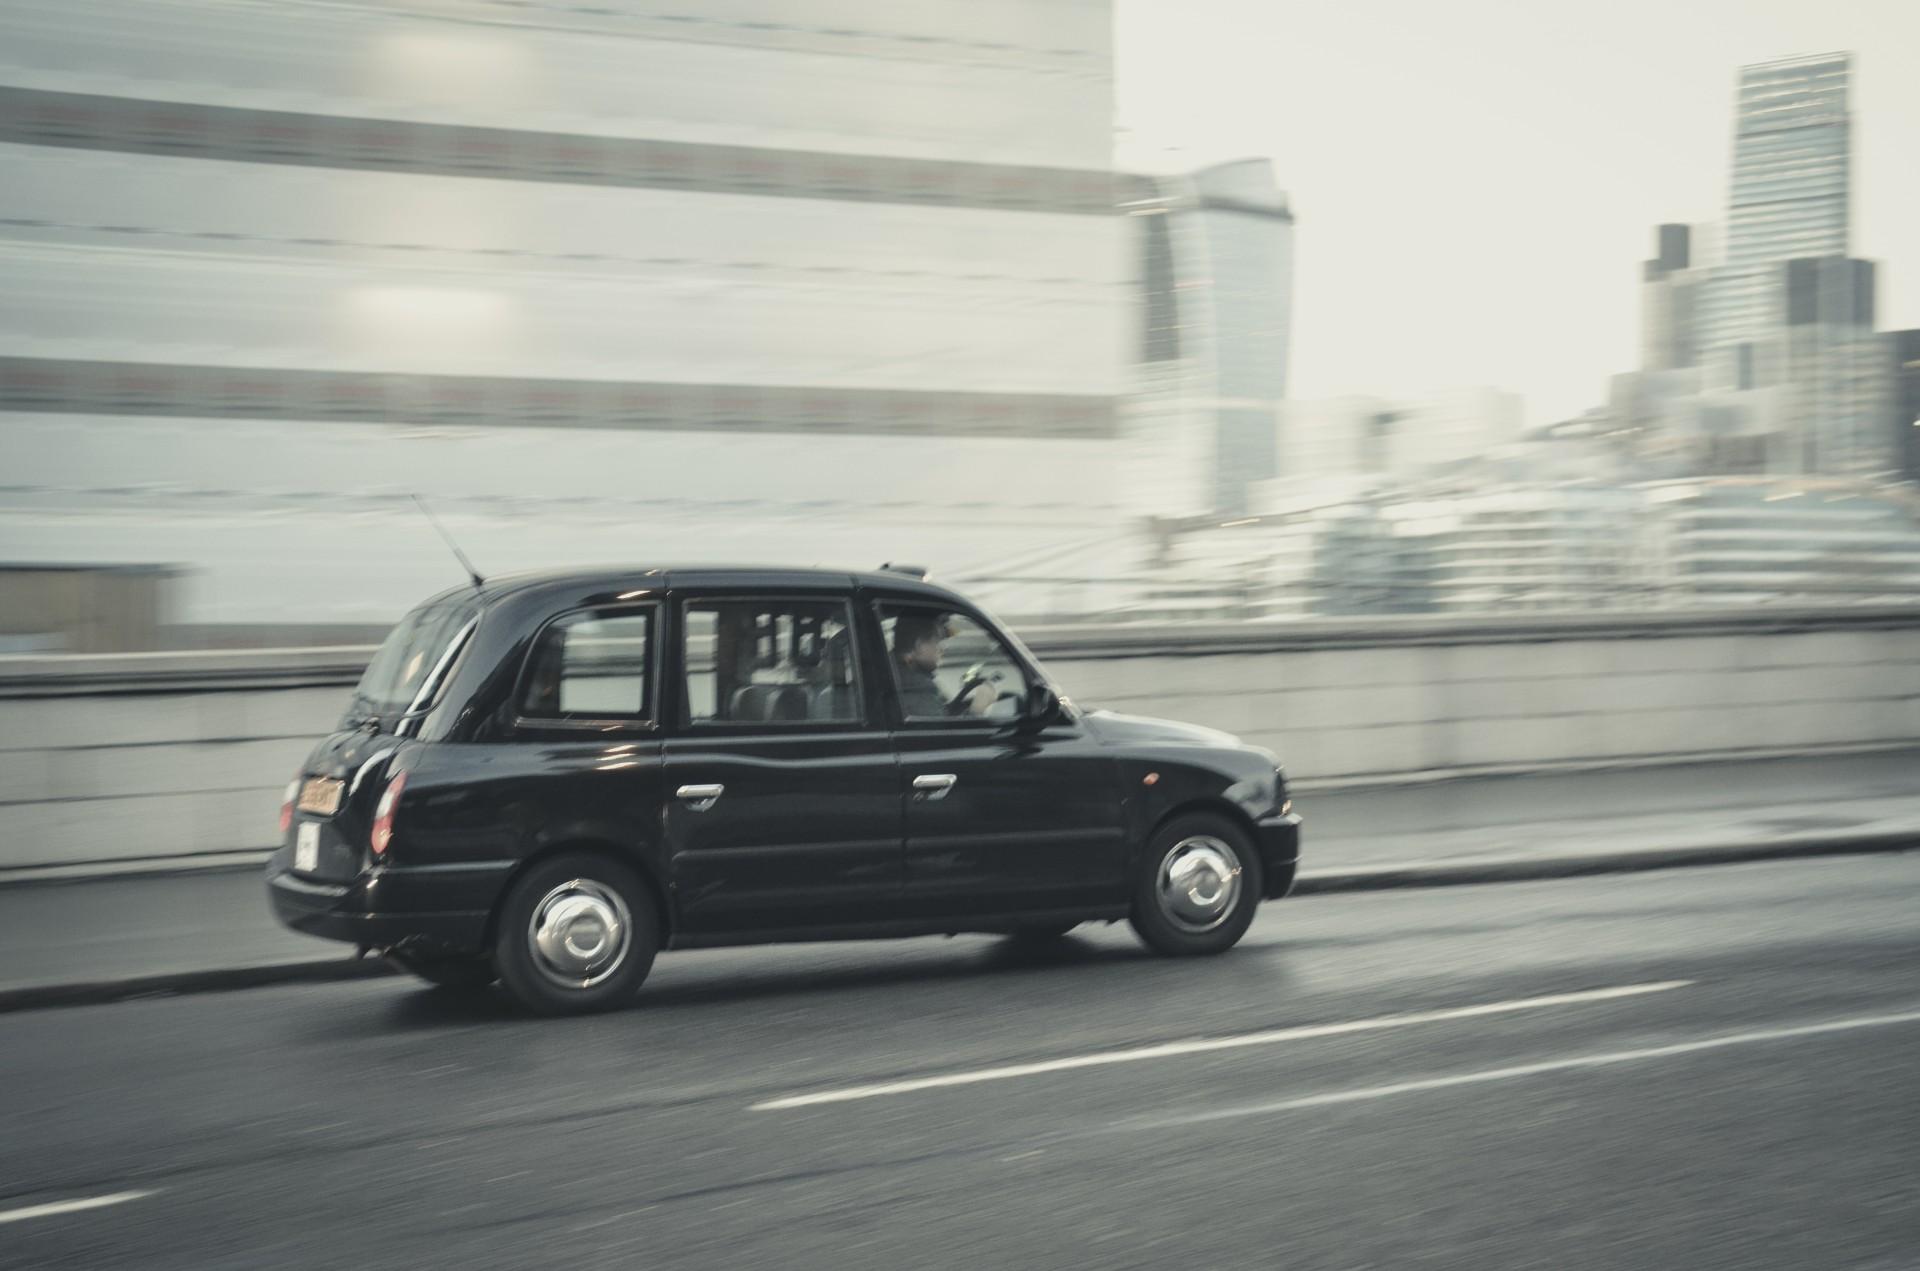 """Résultat de recherche d'images pour """"UK cab"""""""